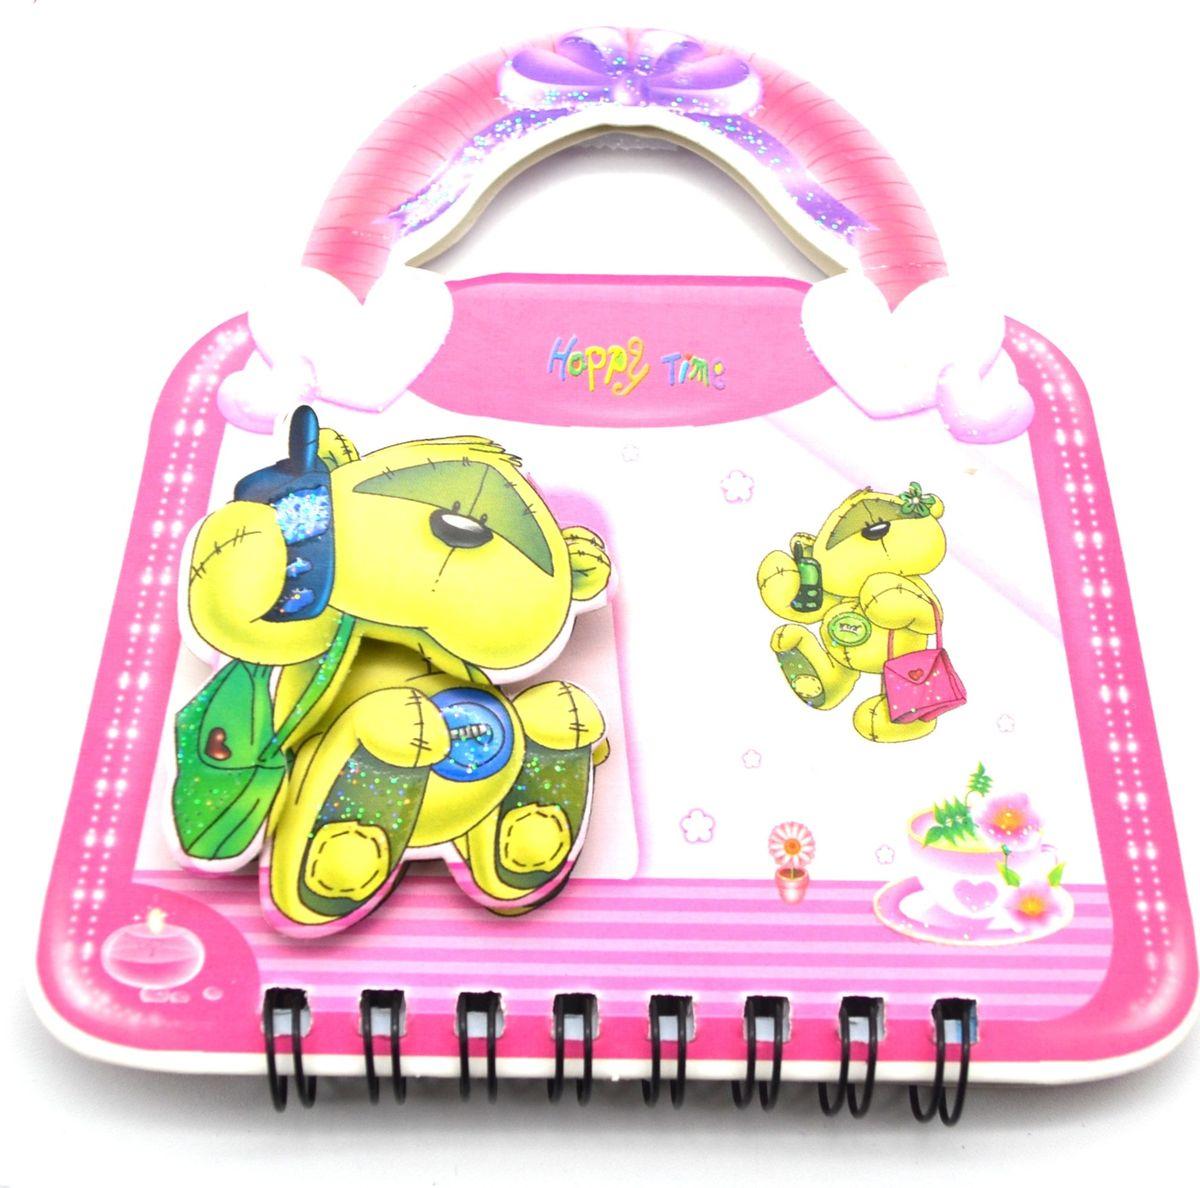 Карамба Блокнот Мишка на сумочке 50 листов в линейку цвет розовый 35723572Блокнот Карамба Мишка на сумочке с объемным изображением мишки на лицевой стороне выполнен в виде сумочки с ручками. Блокнот содержит 50 листов в линейку. Листики окрашены в голубой и зеленый цвета. На каждом листочке изображен мишка.